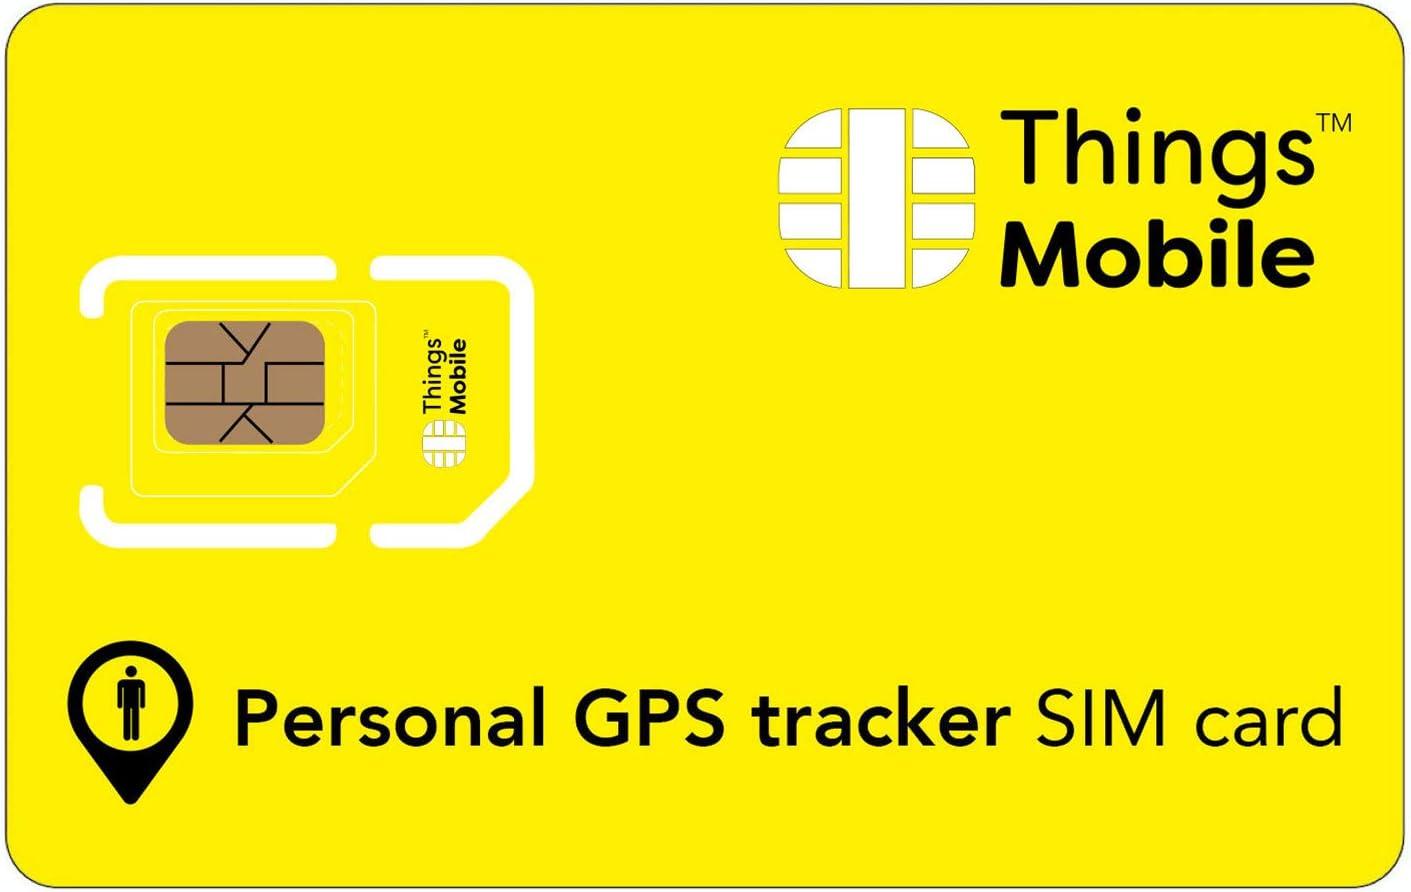 Tarjeta SIM para LOCALIZADOR / RASTREADOR / TRACKER GPS PERSONAL - Things Mobile con cobertura global y red multioperador GSM/2G/3G/4G, sin costes fijos. 10 € de crédito incluido